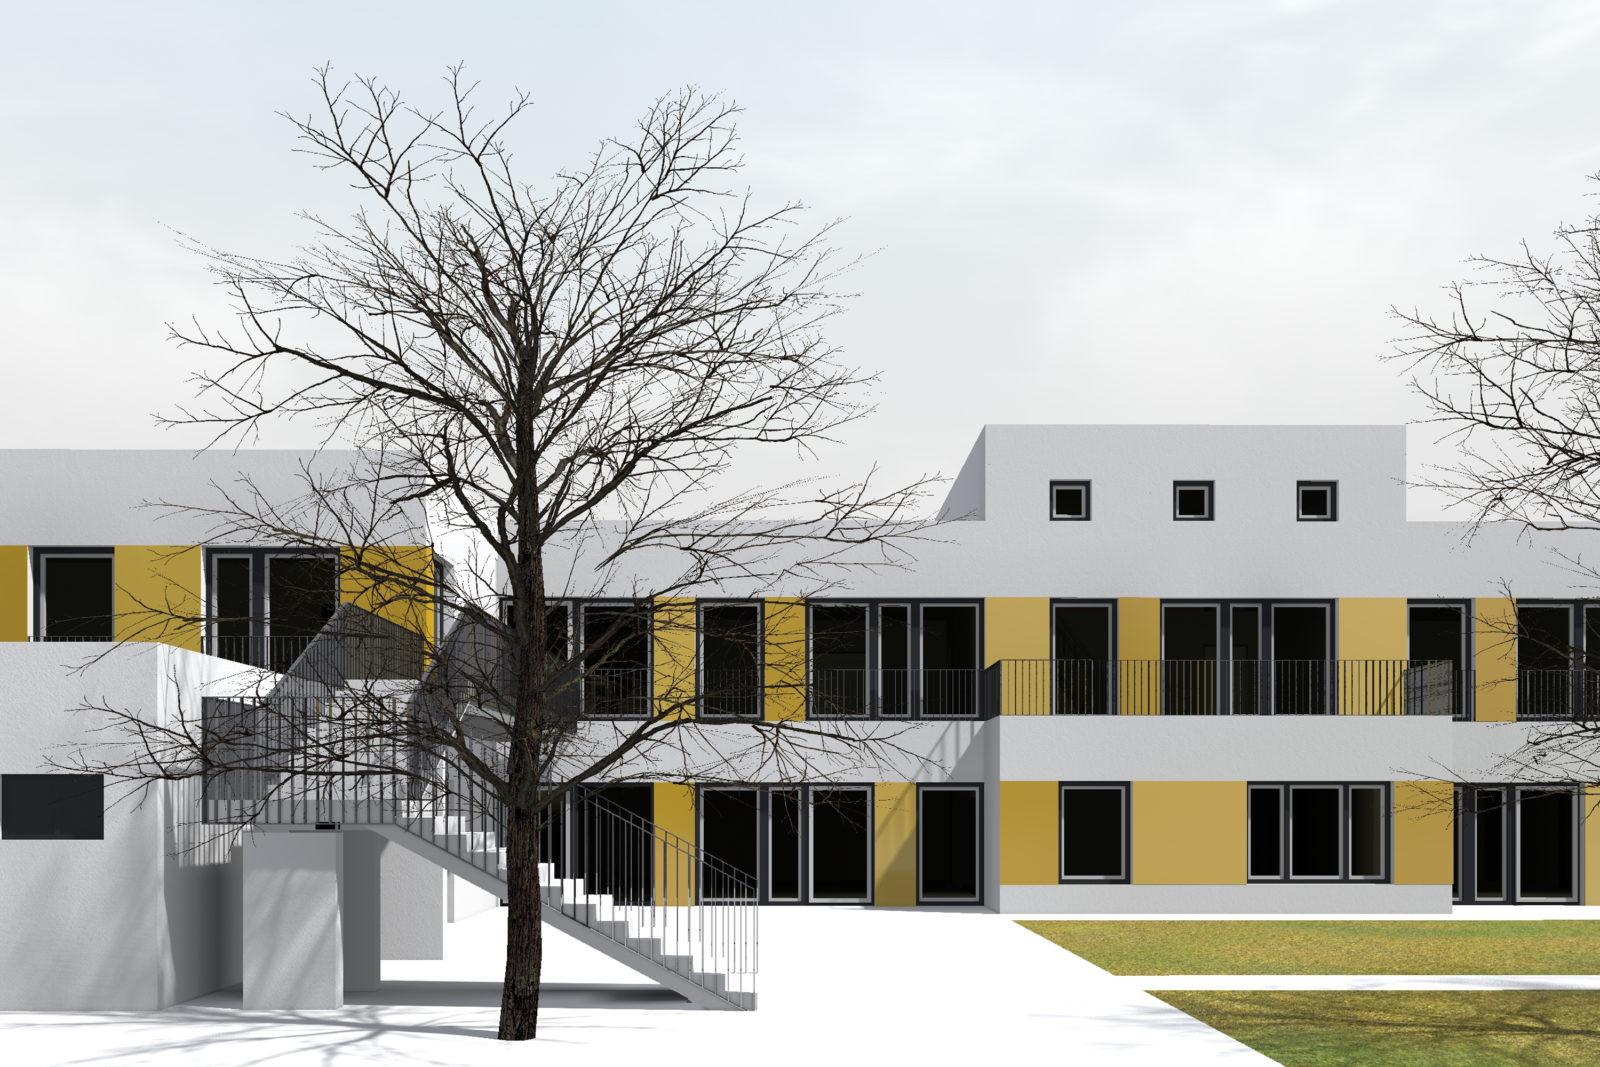 Neubau Kita Bremerstraße in Leipzig, Gohlis - Freispielfläche